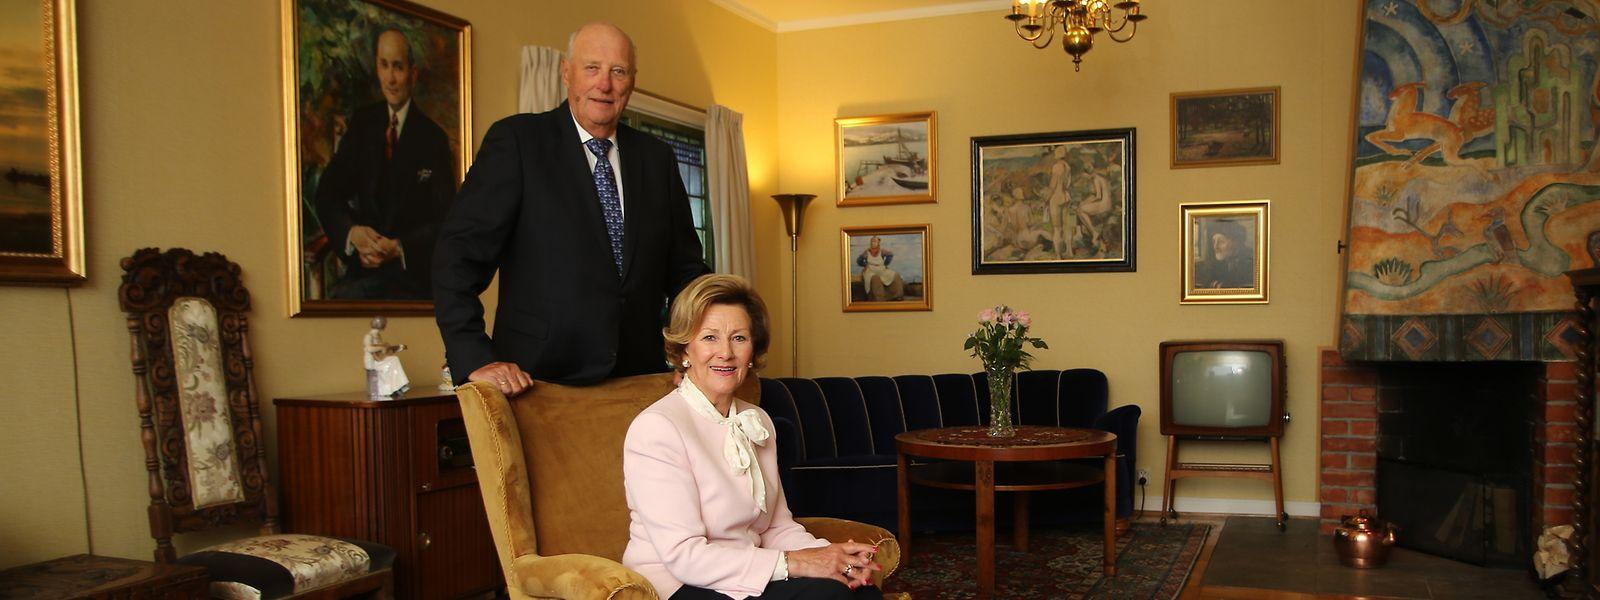 König Harald und Königin Sonja bei der Eröffnung des neuen Highlights im Freilichtmuseum Maihaugen in Lillehammer: Das Elternhaus der Königin wurde von Oslo dorthin versetzt.